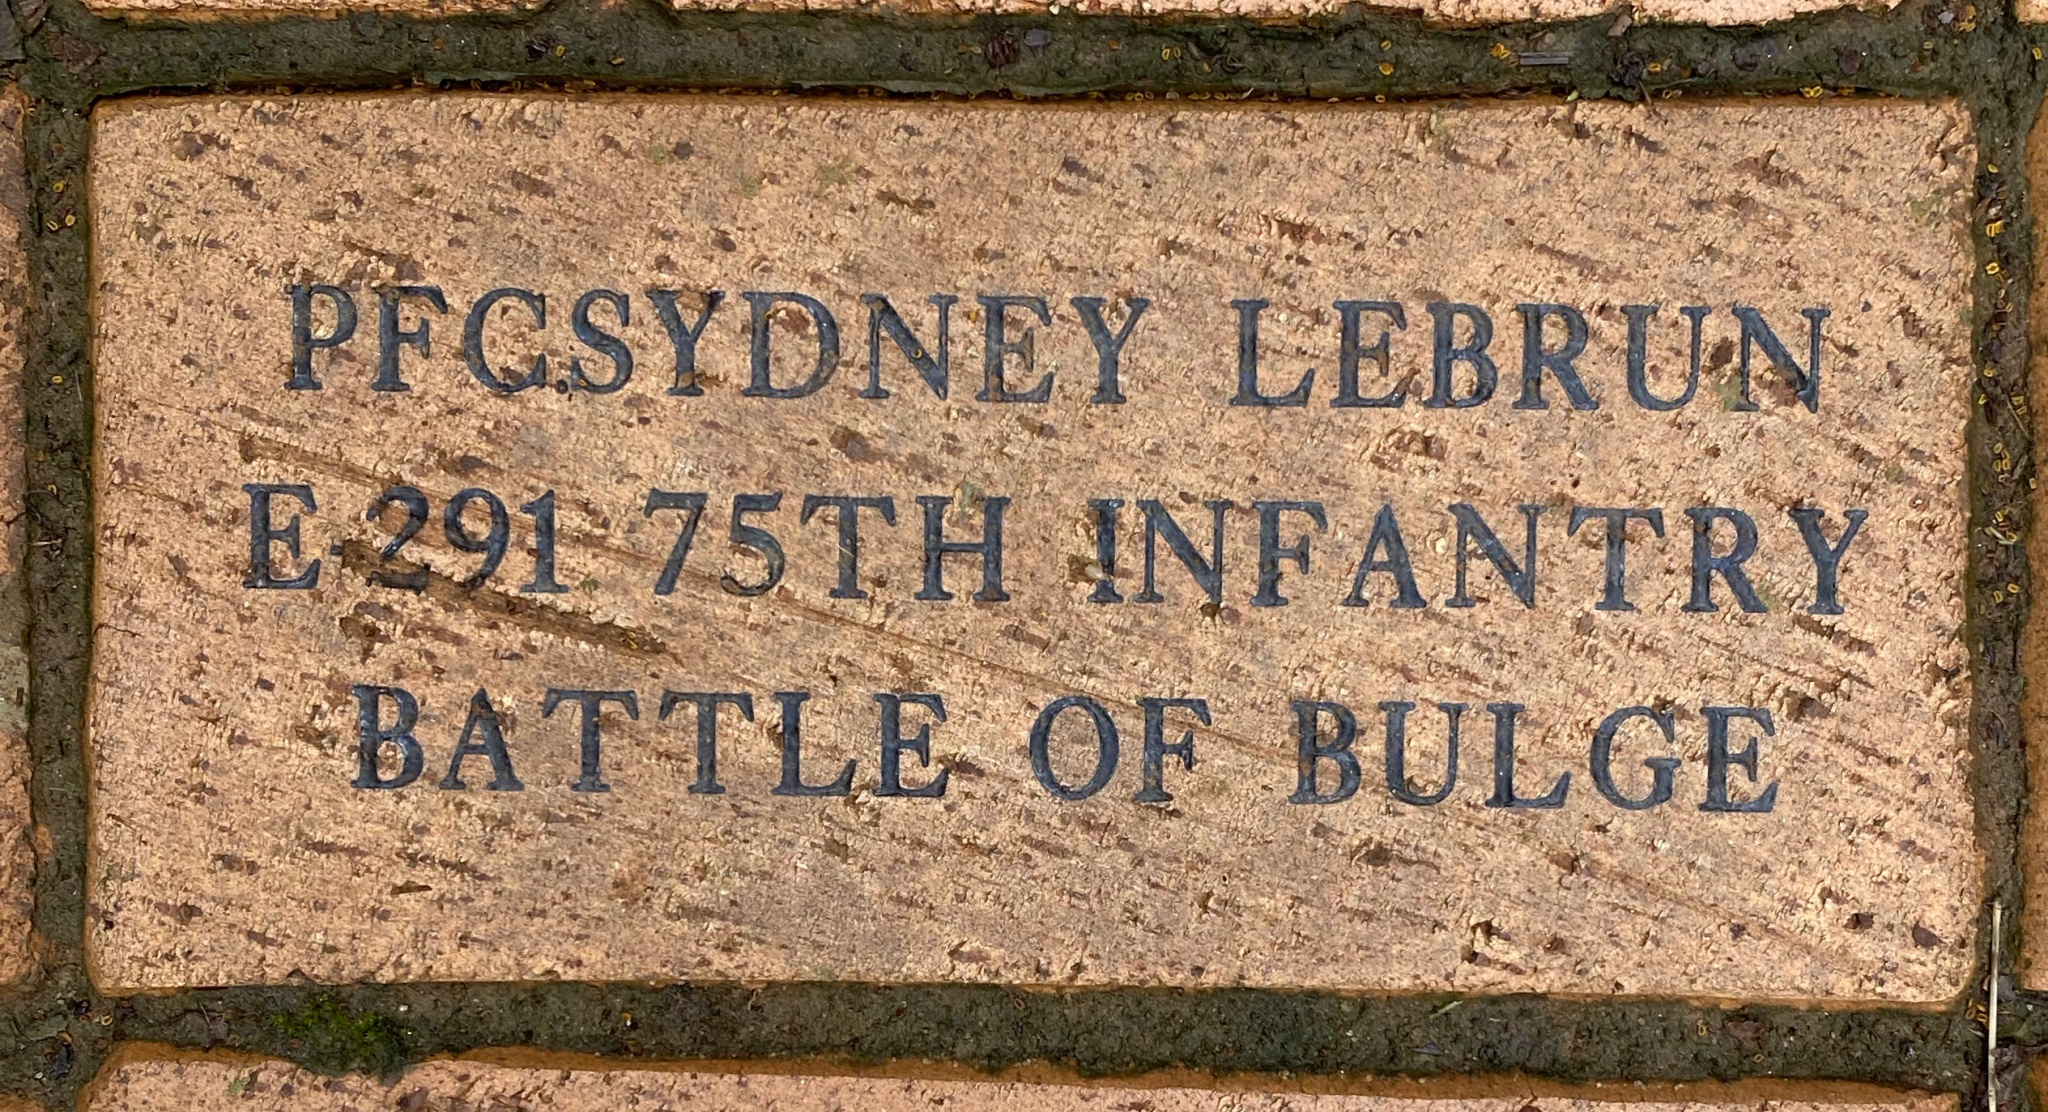 PFCSYDNEY LEBRUN E-291 75TH INFANTRY BATTLE OF THE BULGE